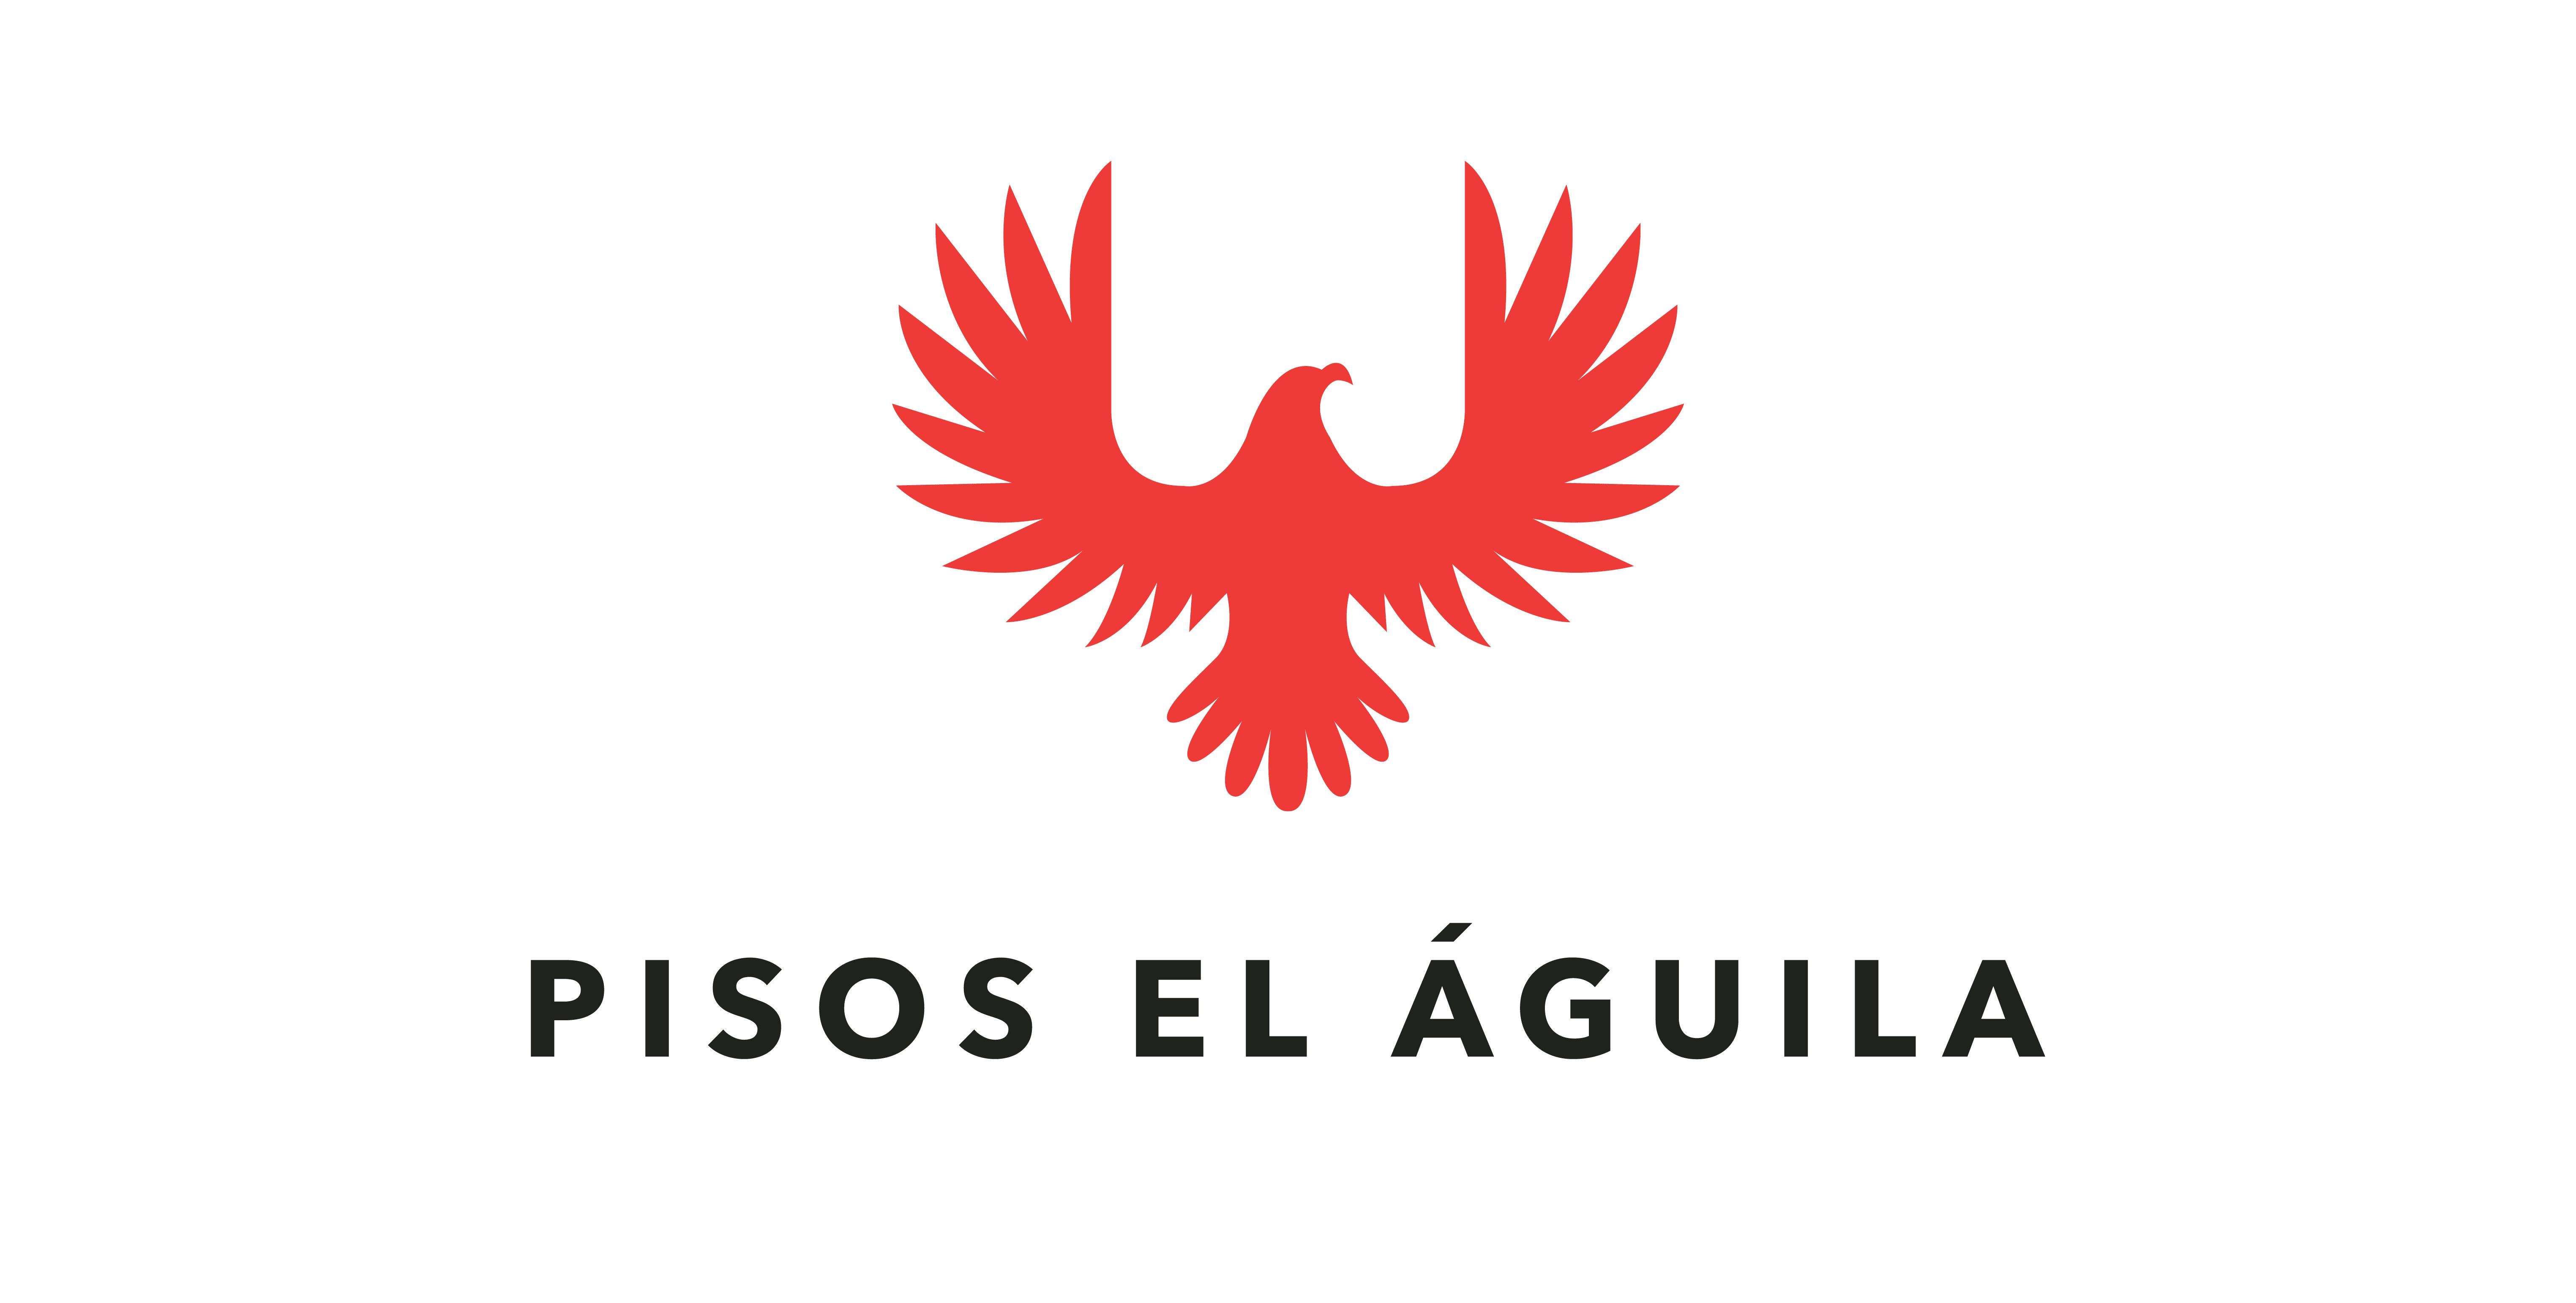 Pisos El Águila, S. A.